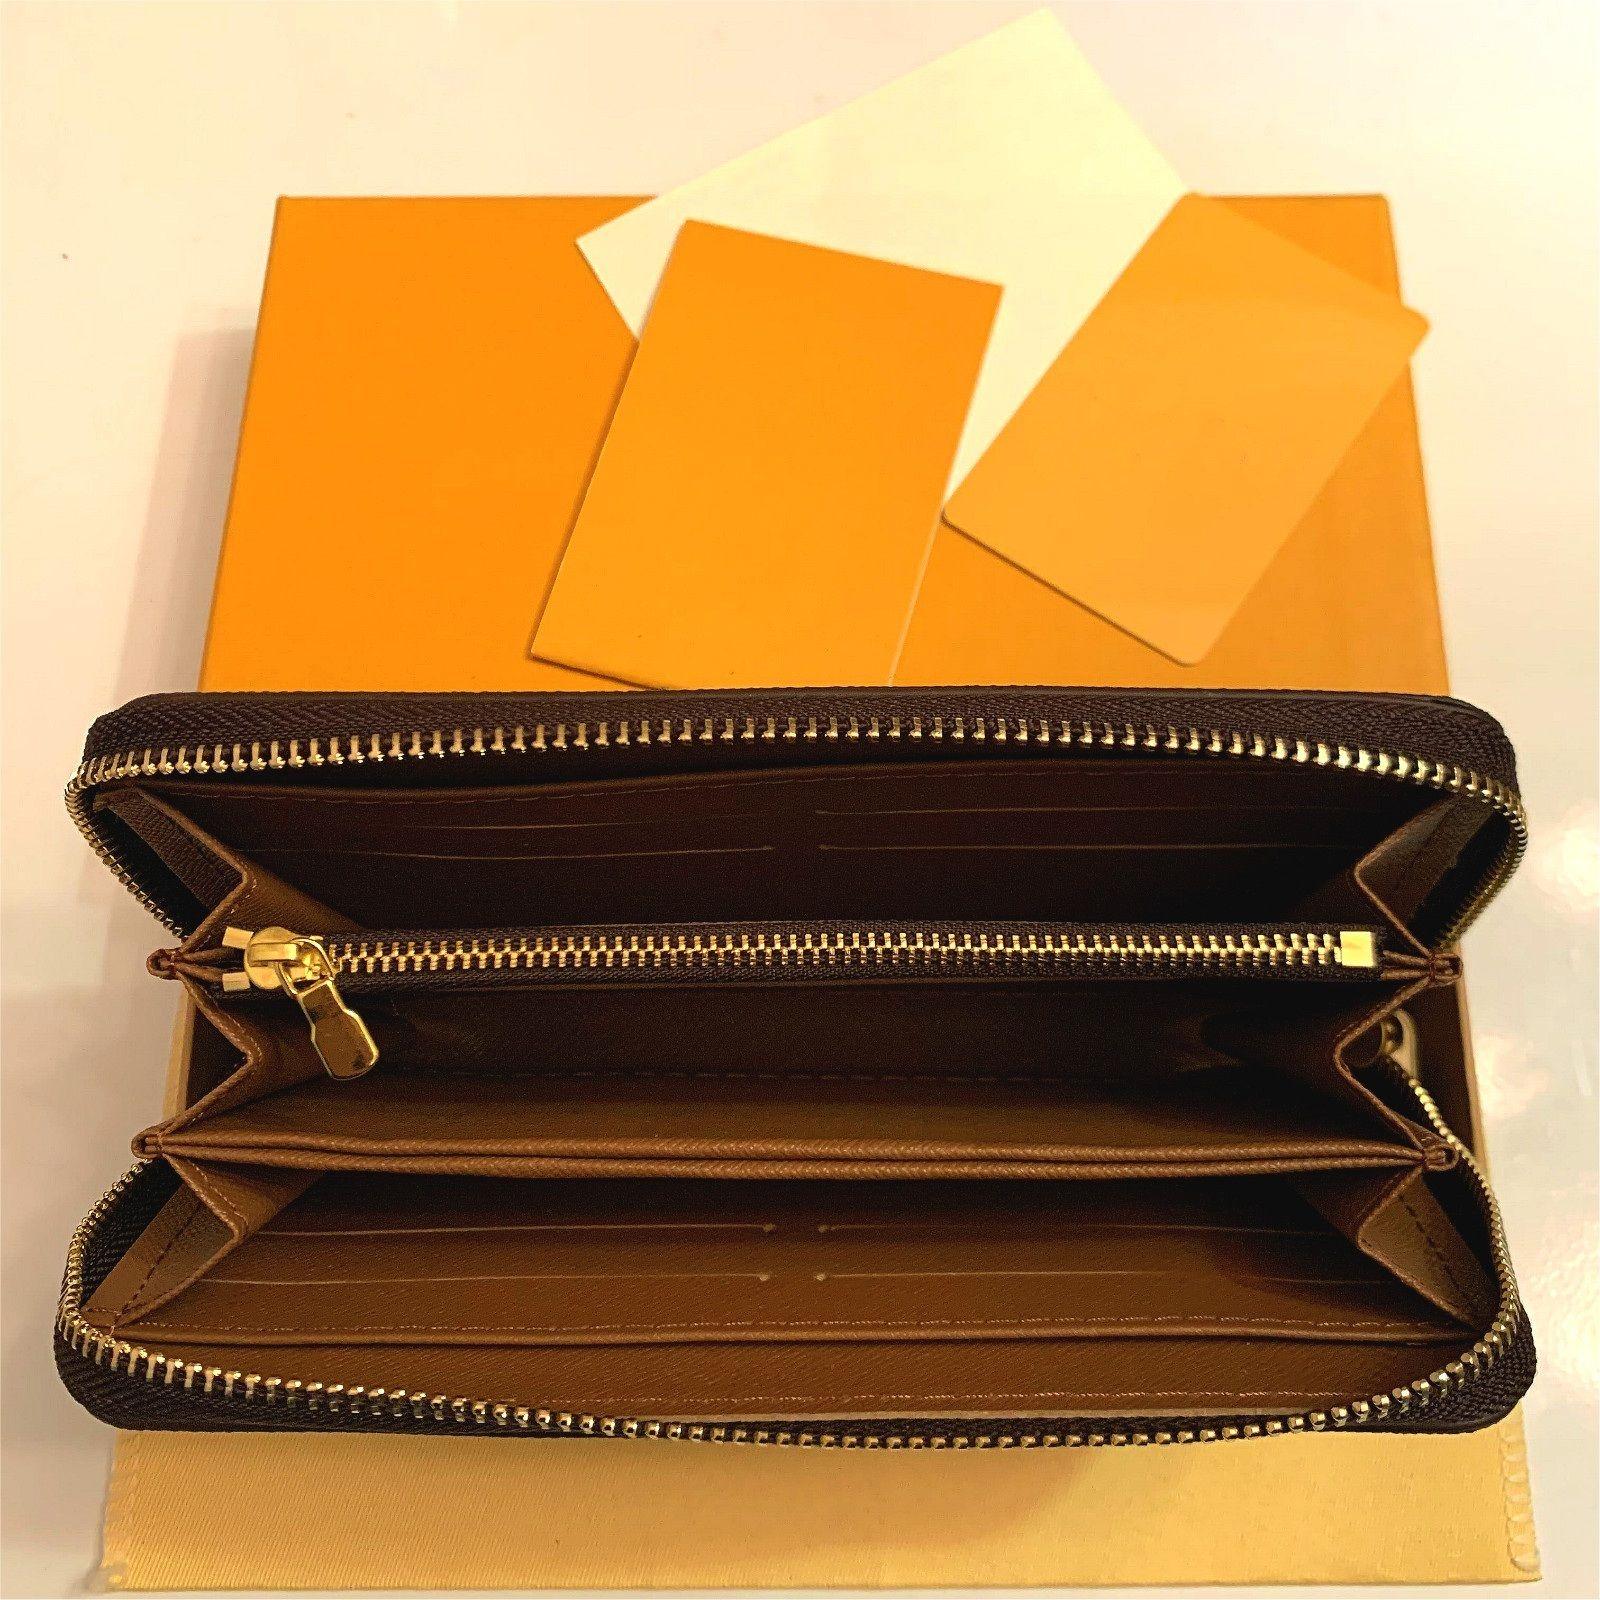 Commercio all'ingrosso 20 colori moda singolo cerniera uomini donne portafoglio in pelle da donna borsa lunga lady con carta scatola arancione 60017